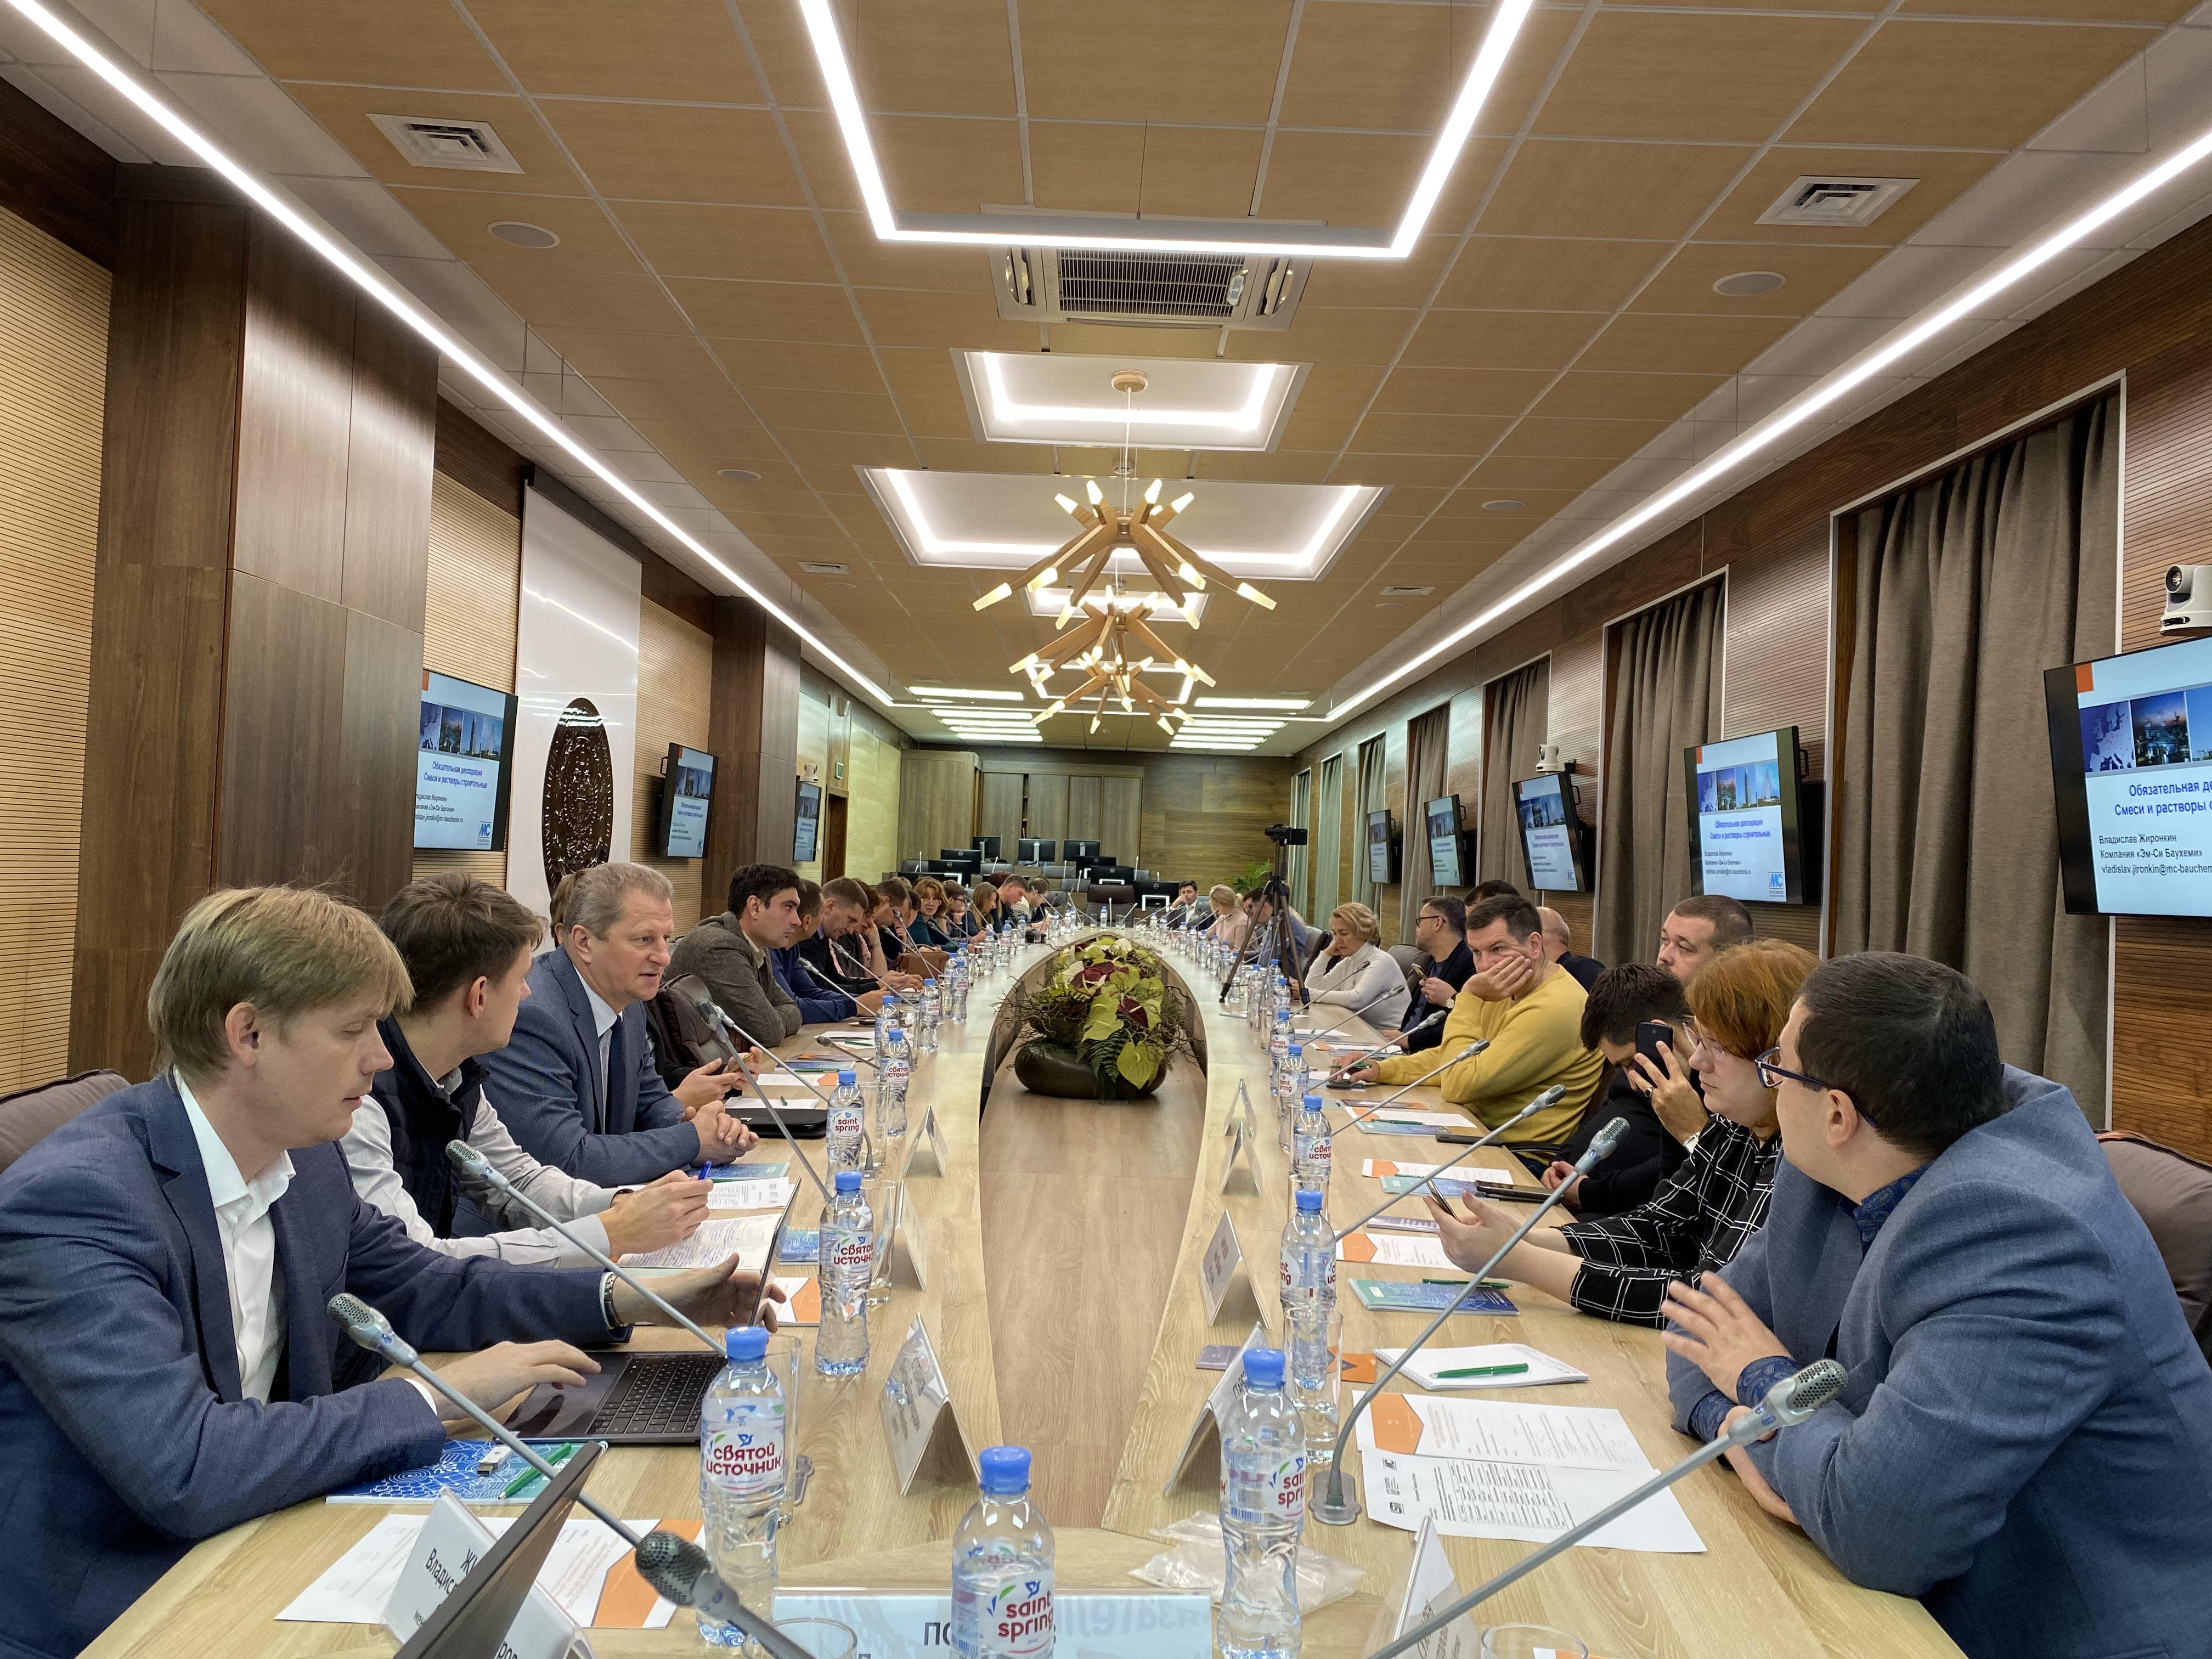 Президент Союза производителей бетона Дмитрий Пожаров выступил с докладом на круглом столе в Санкт-Петербурге